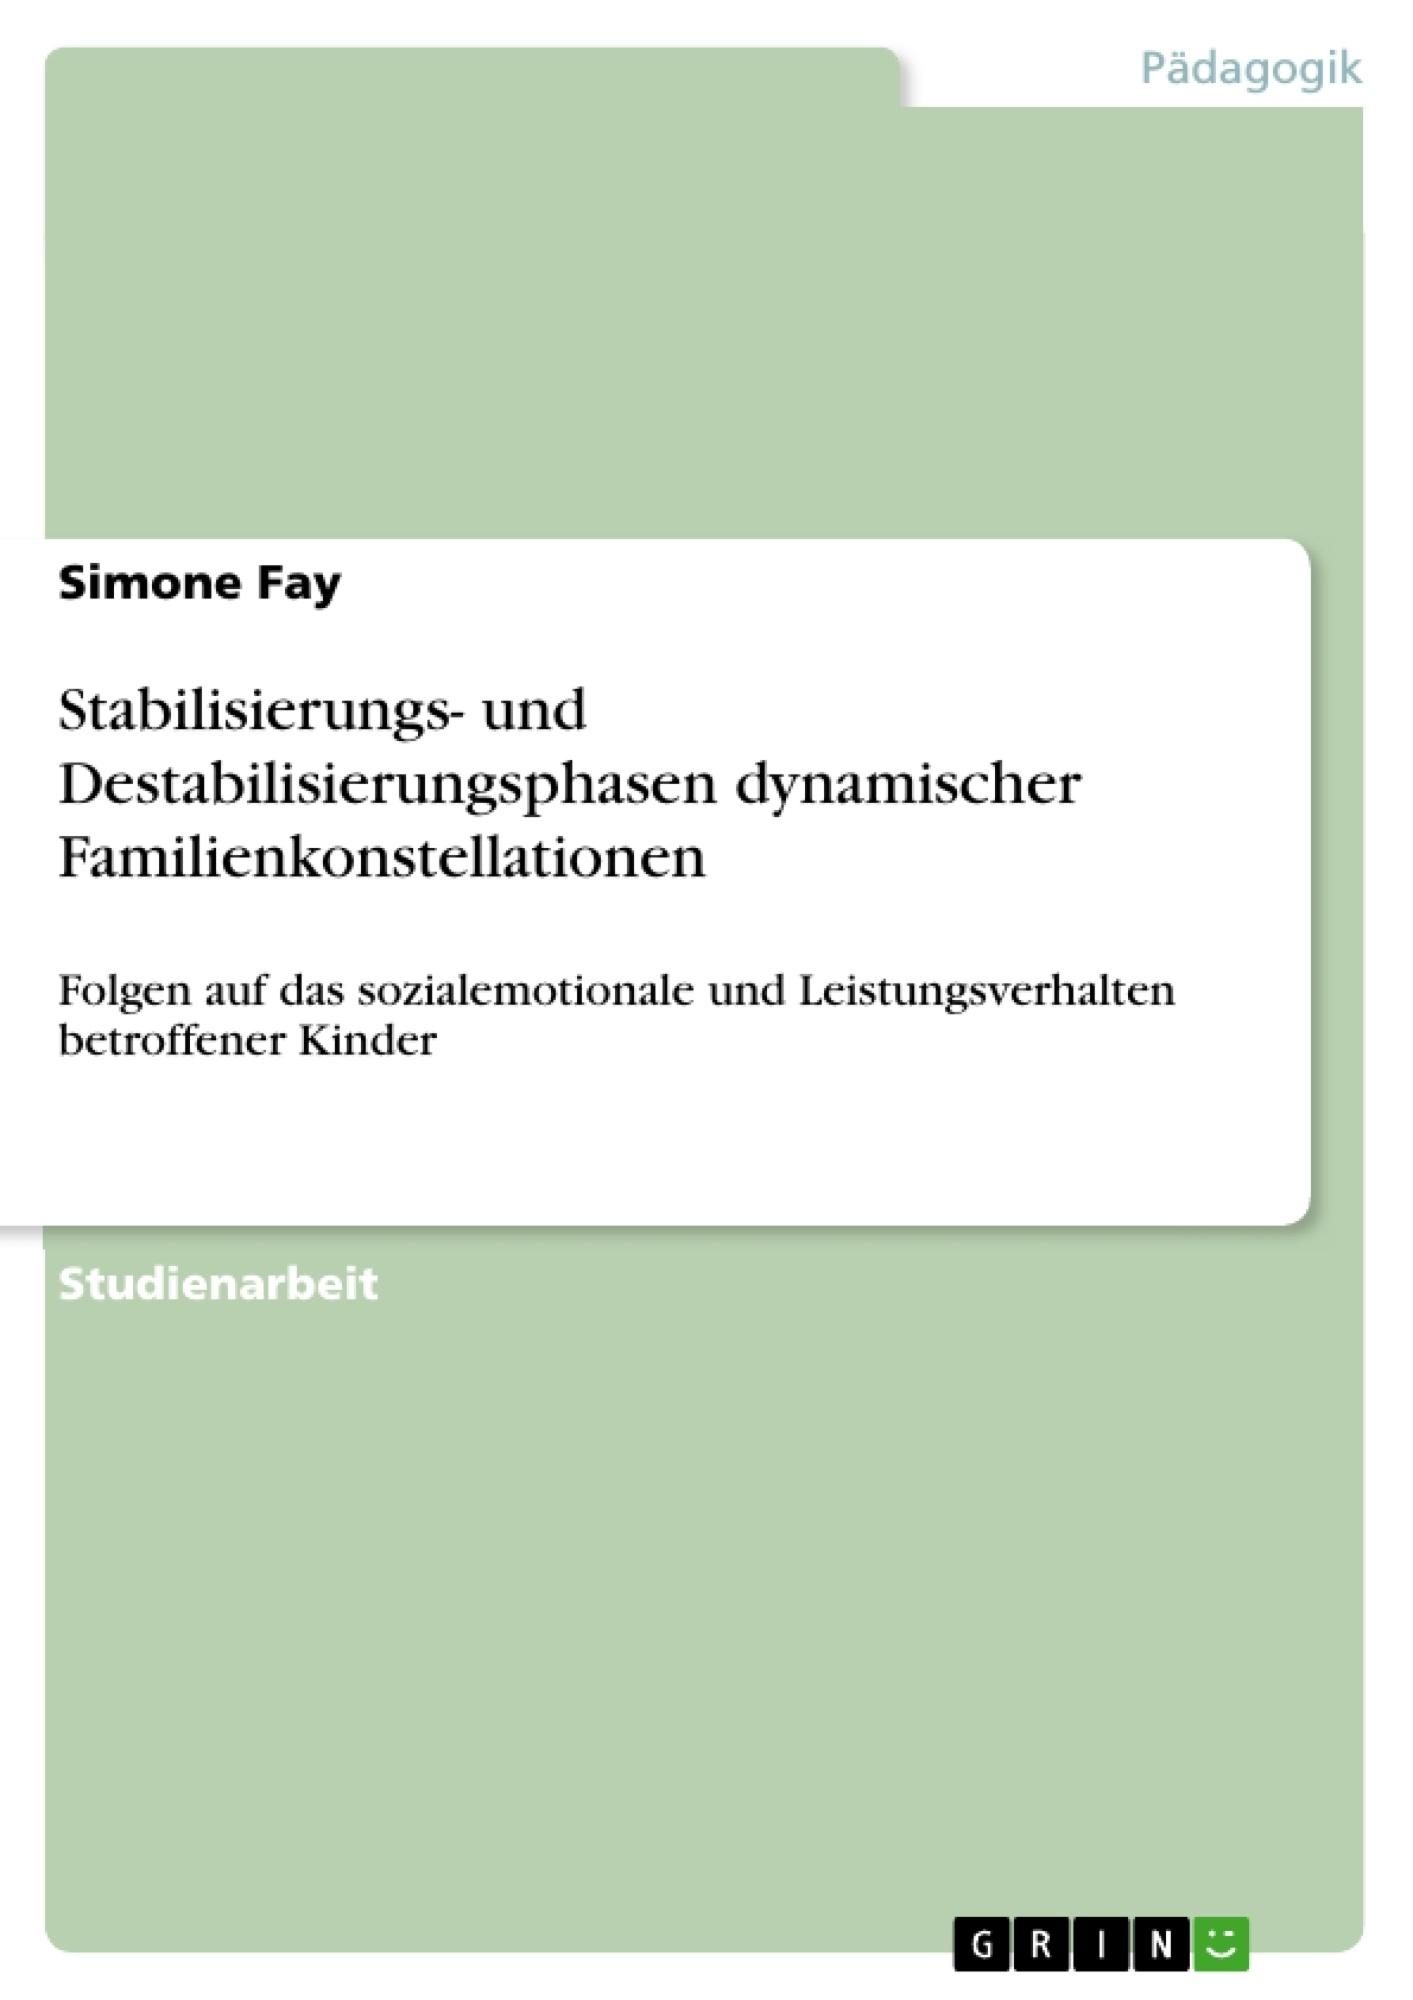 Titel: Stabilisierungs- und Destabilisierungsphasen dynamischer Familienkonstellationen